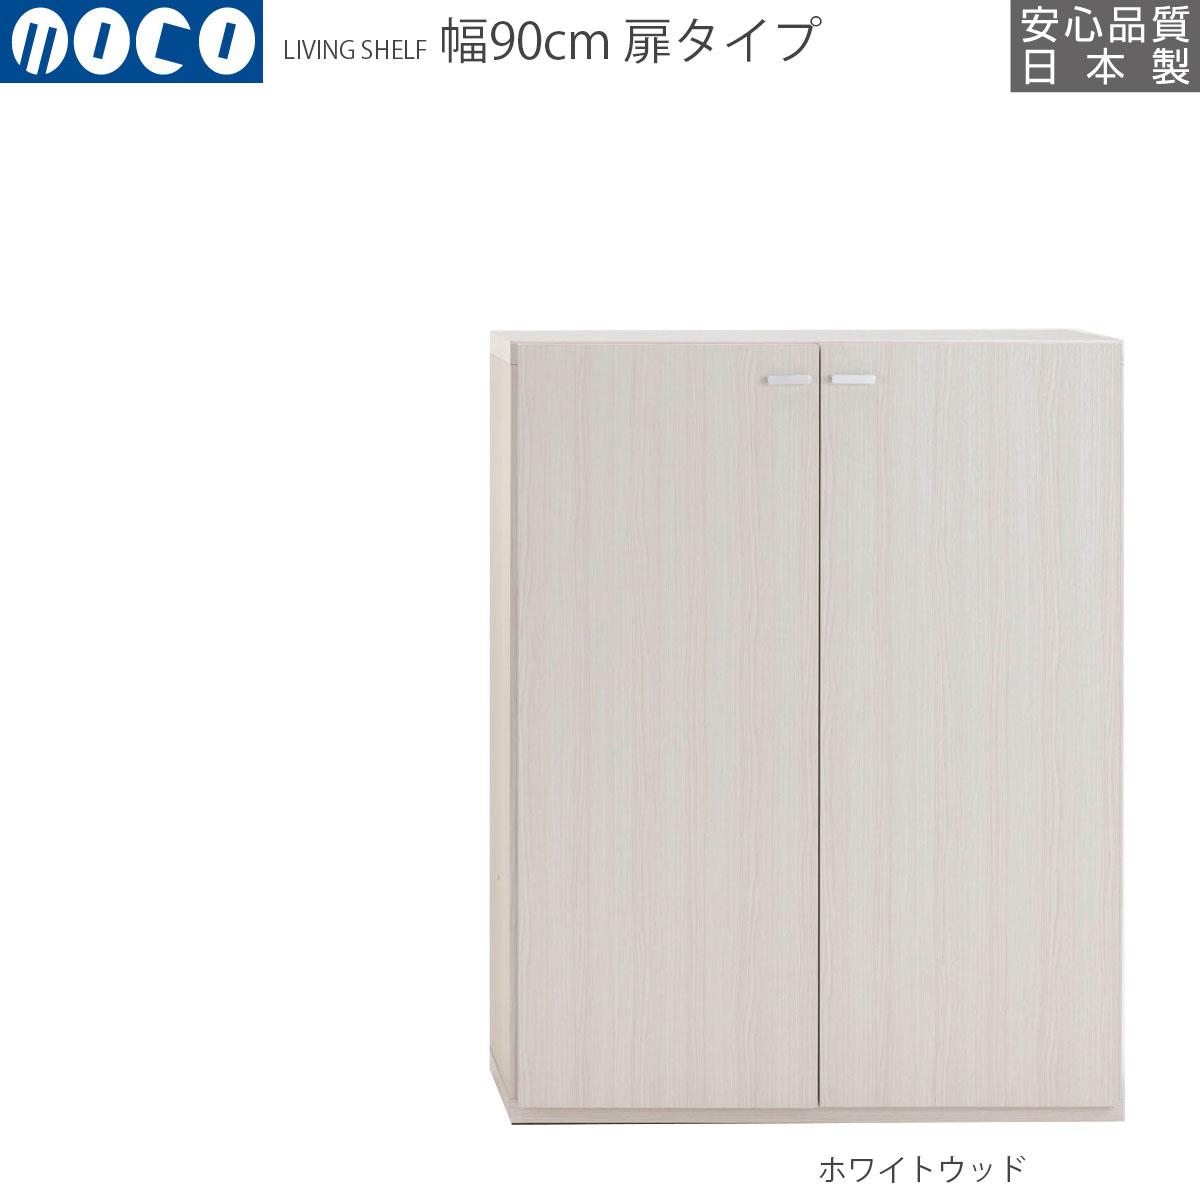 本棚 完成品 フナモコ リビングシェルフ 扉付き 幅90×高さ113.8cm ホワイトウッド KFS-90 日本製 国産